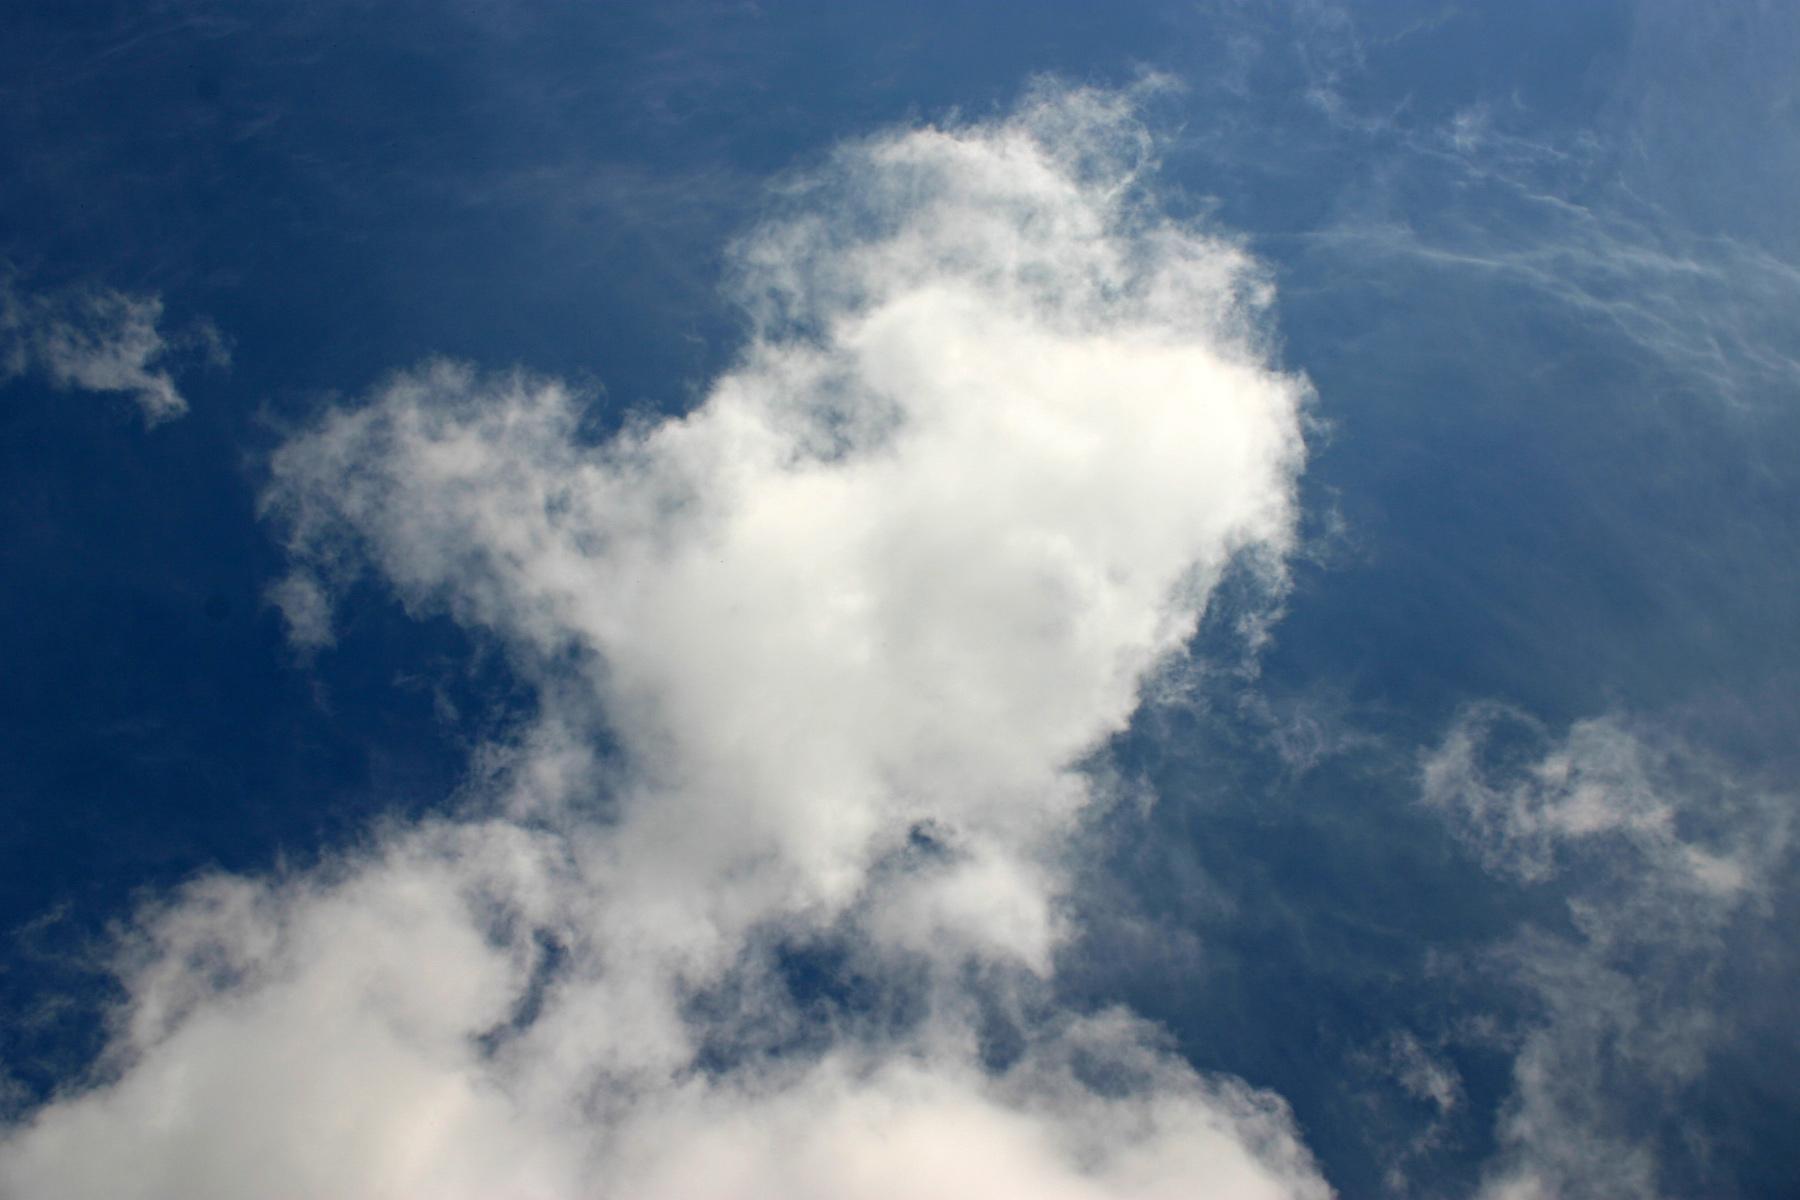 Cloudy sky, Beautiful, Blue, Clouds, Puffy, HQ Photo